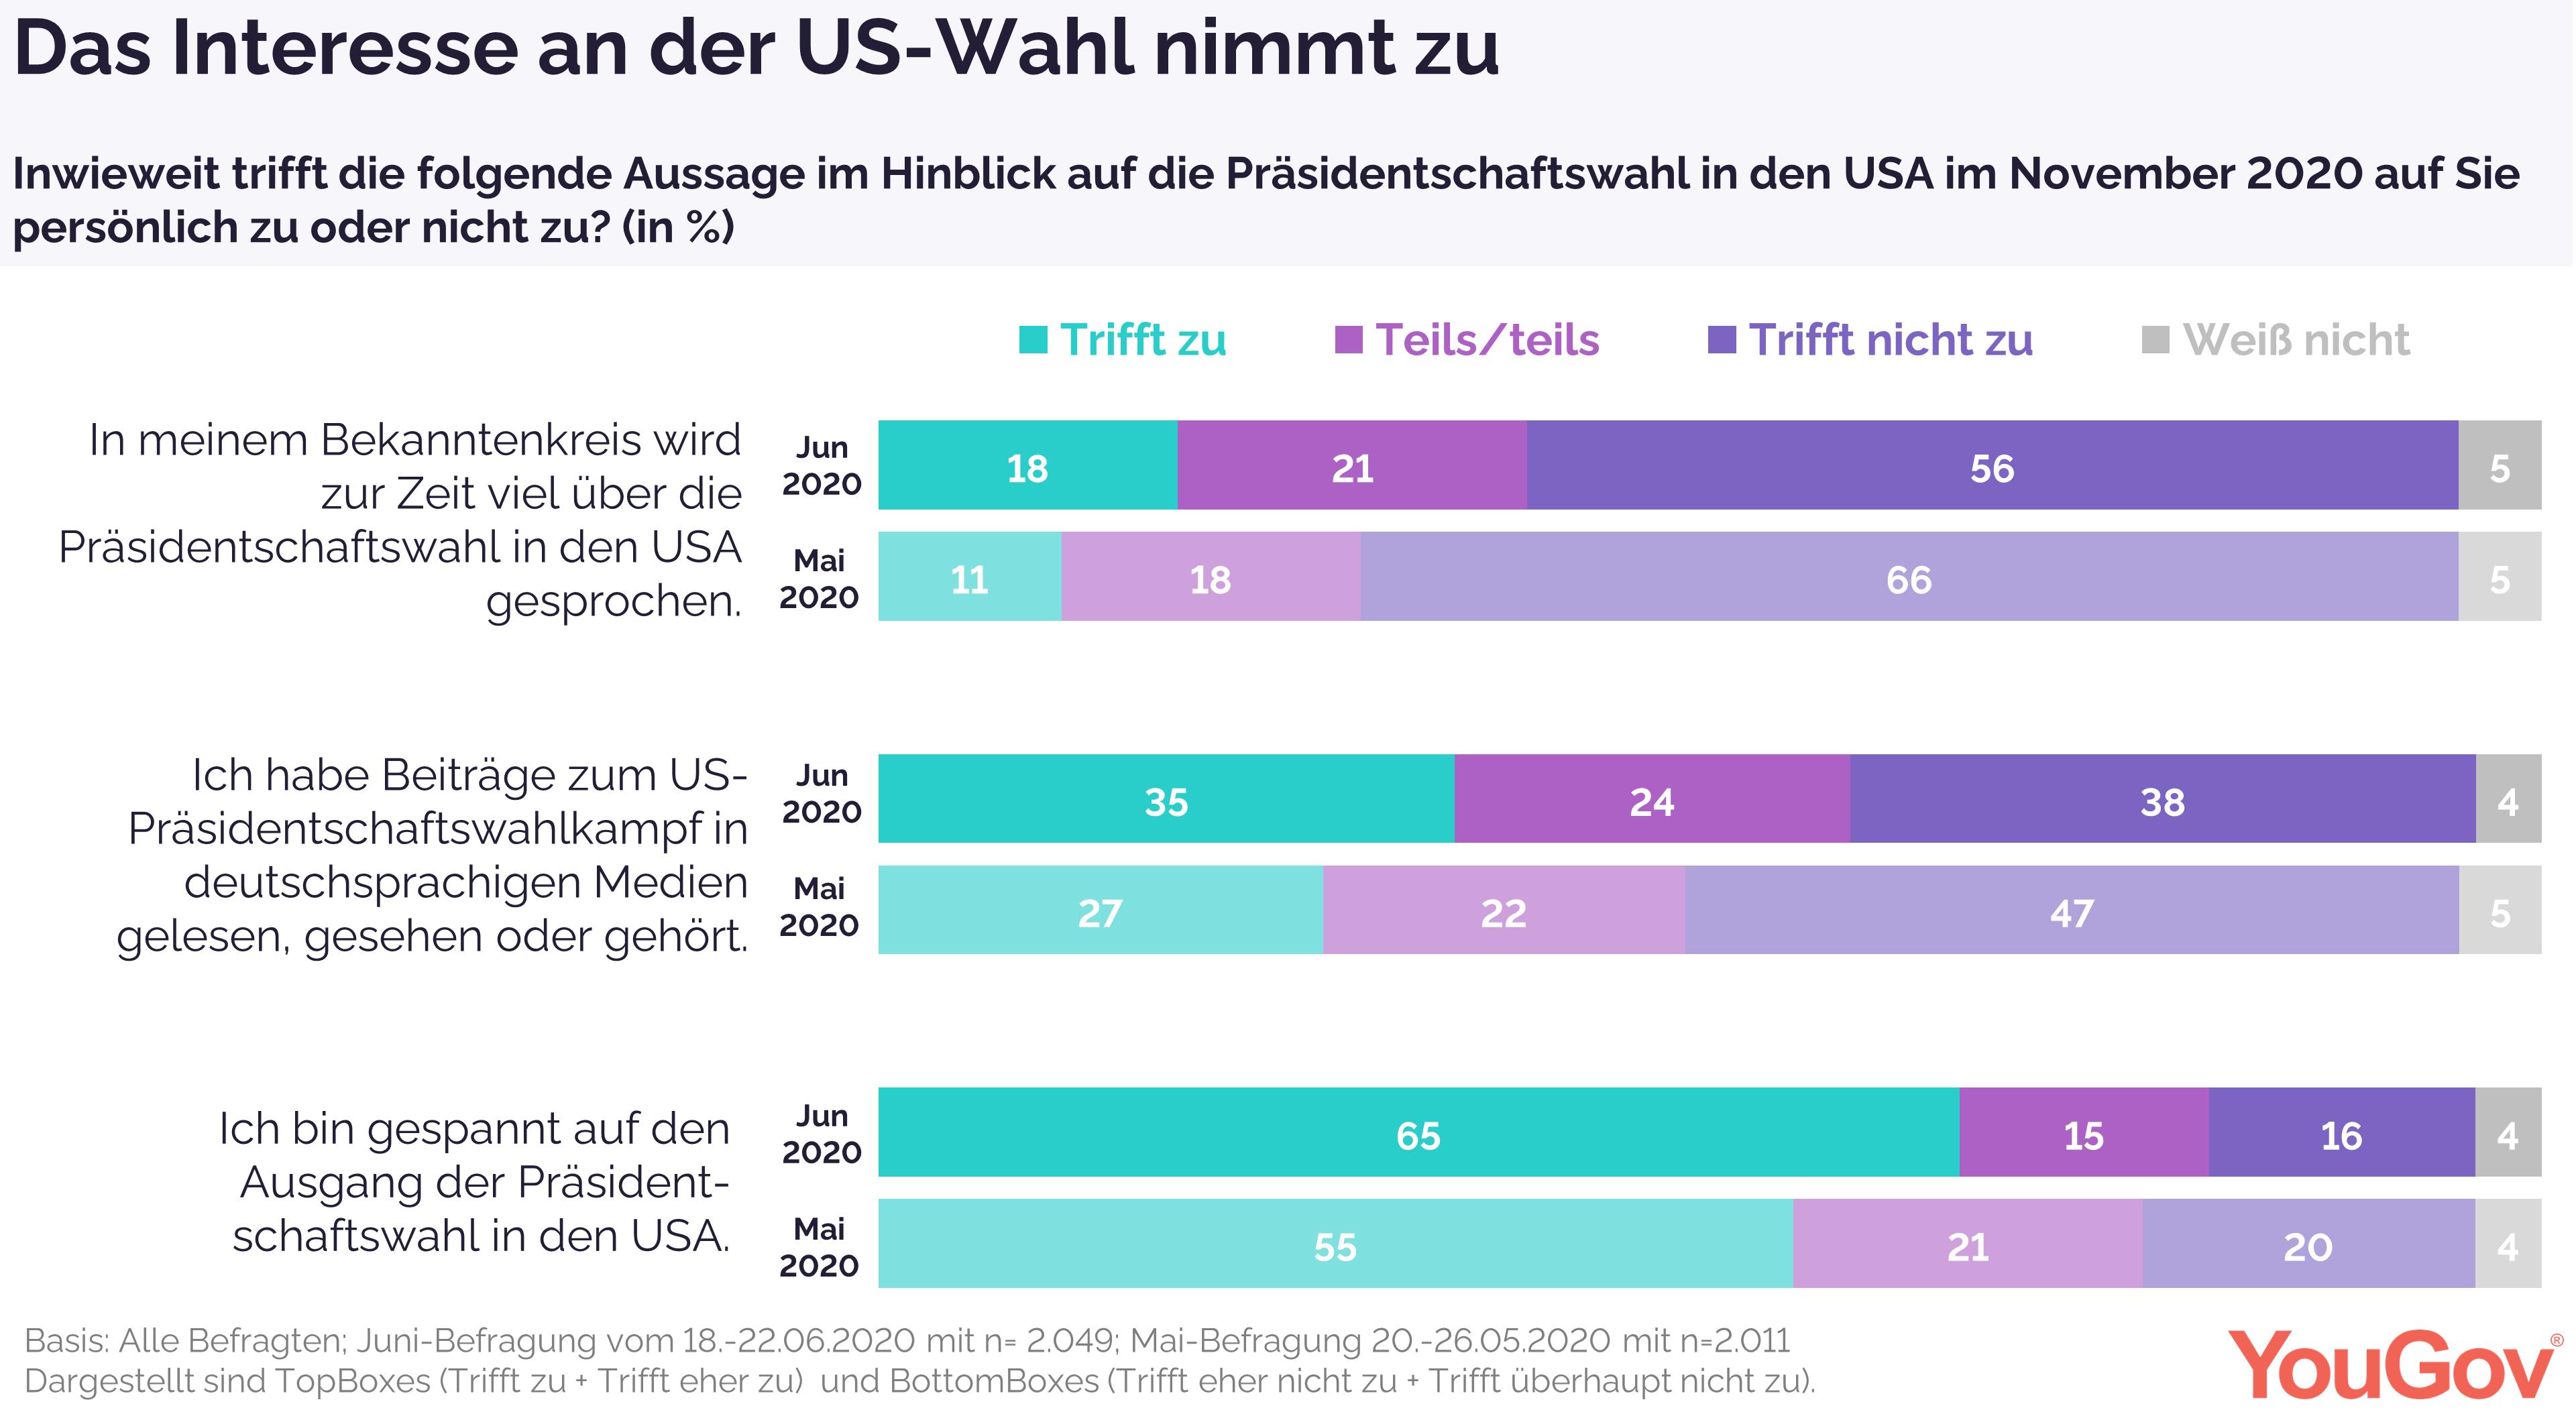 Interesse an US-Wahl nimmt in Deutschland zu